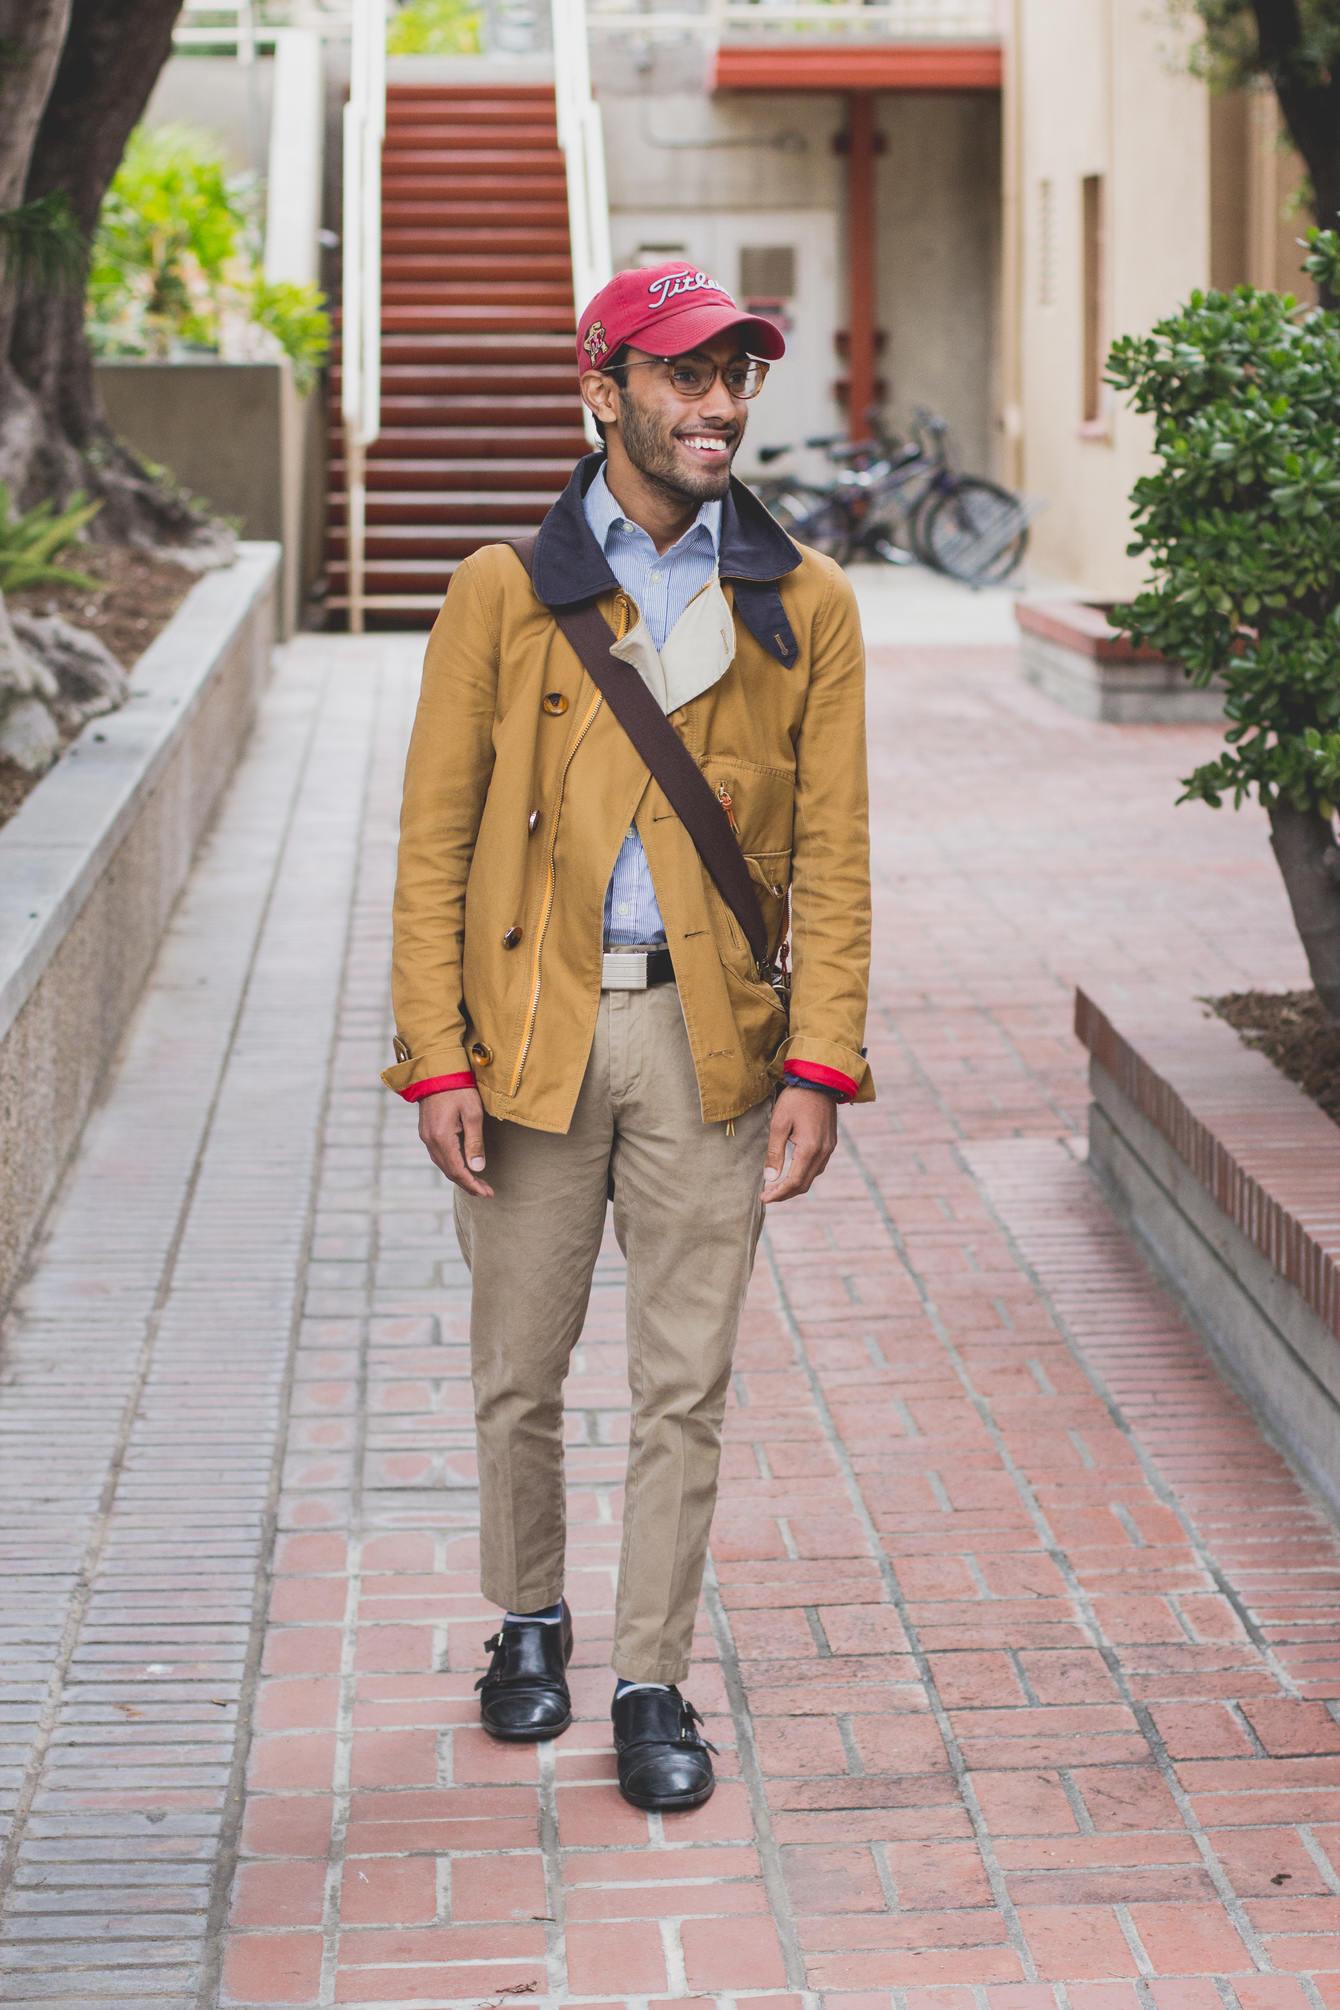 Rajesh wearing sky blue shirt, mustard yellow jacket and khaki pants